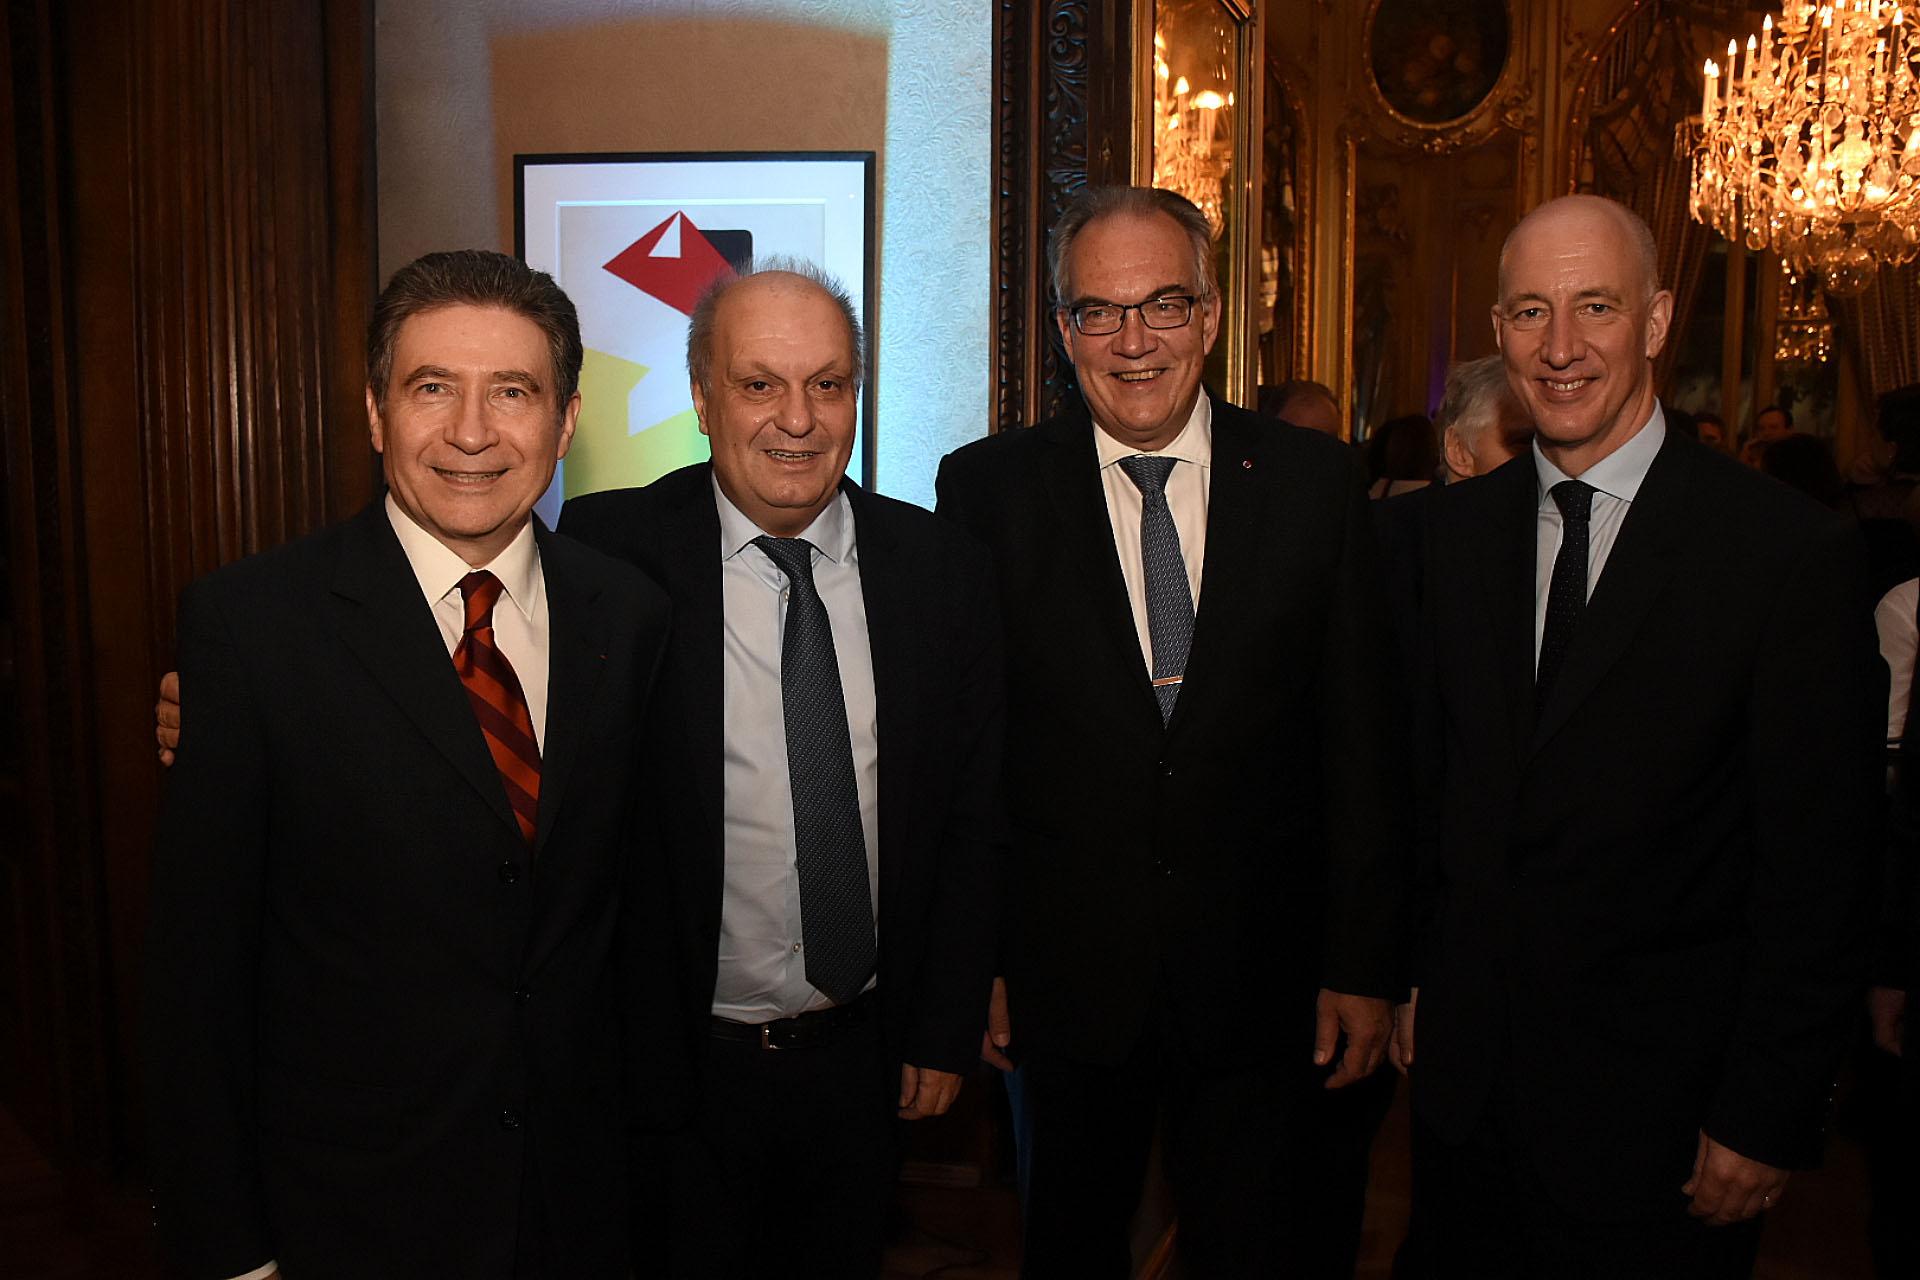 Pierre-Henri Guignard, embajador de Francia en la Argentina, y Hernán Lombardi junto a Jürgen Christian Mertens, embajador de Alemania en la Argentina, y Mark Kent, embajador británico